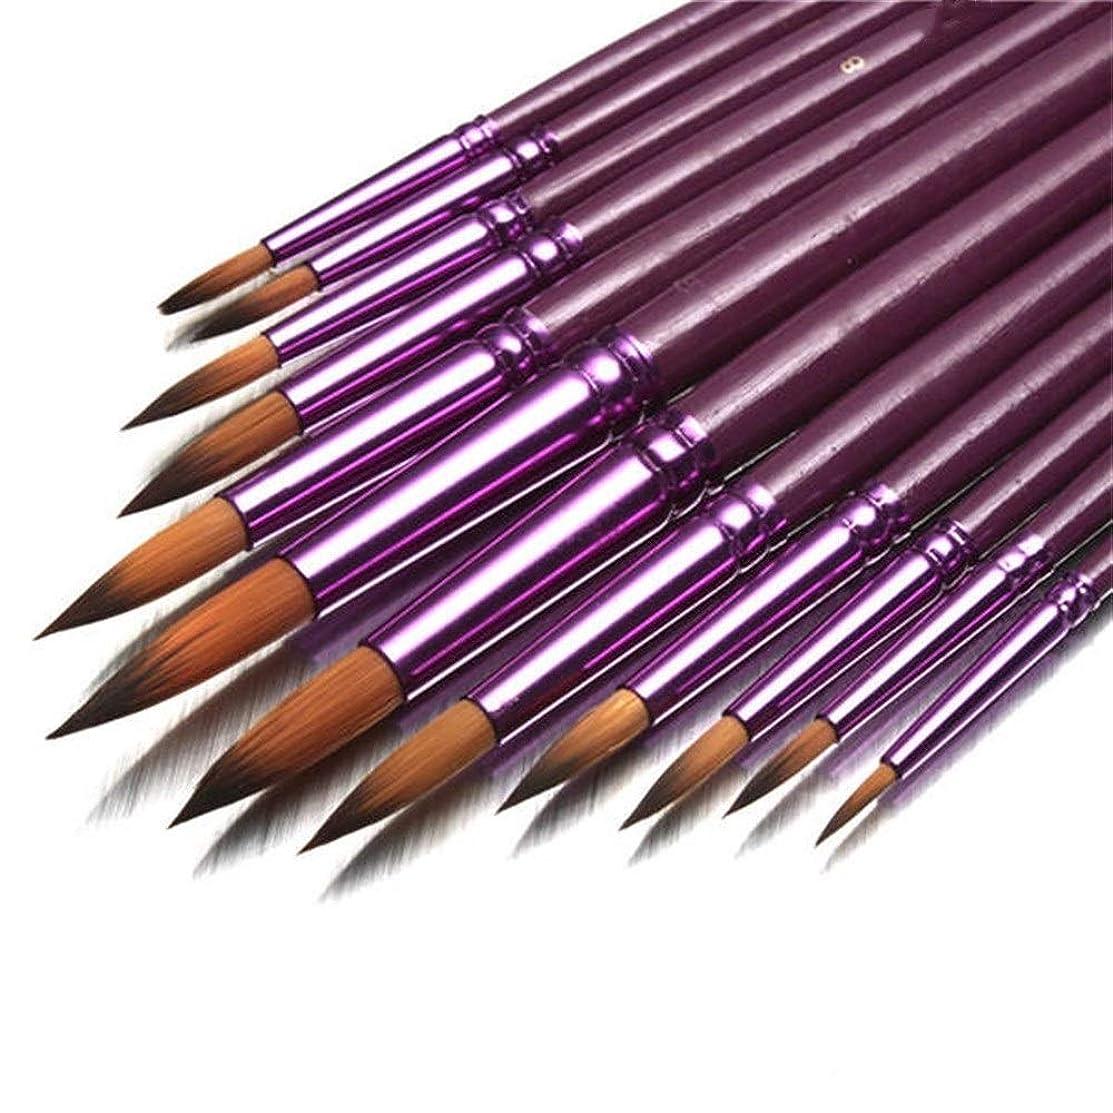 物足りない雑種既に画筆セット ブラシアーティストナイロンヘア水彩オイルドローイングペンアーティストがセットペイント絵画個入りフラットチップラウンドヒント 幅広い用途と良い感触 (色 : 紫の, Size : 1)